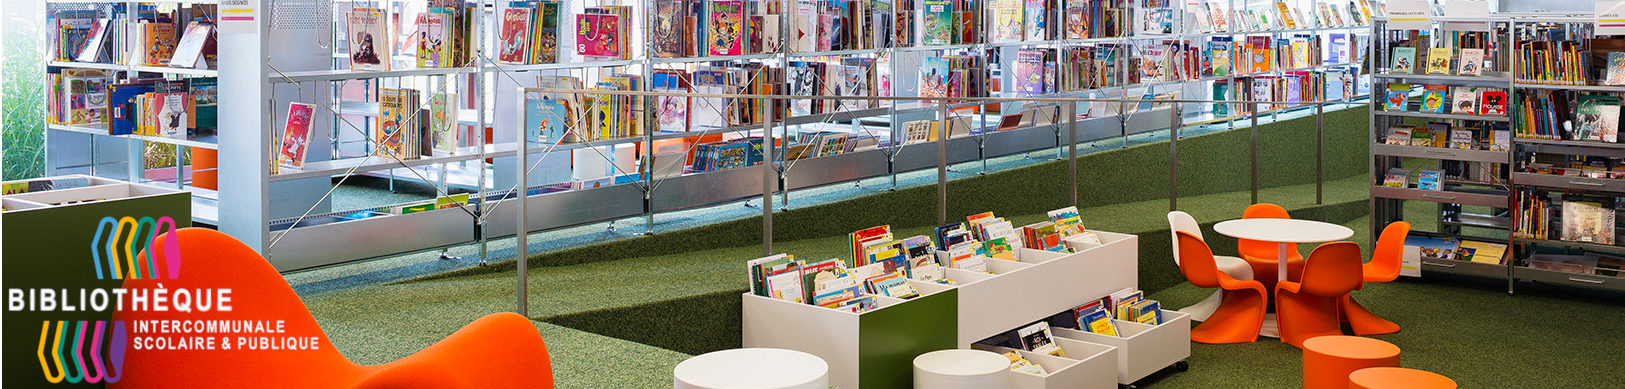 Bibliothèque intercommunale scolaire et publique de Rolle et environs